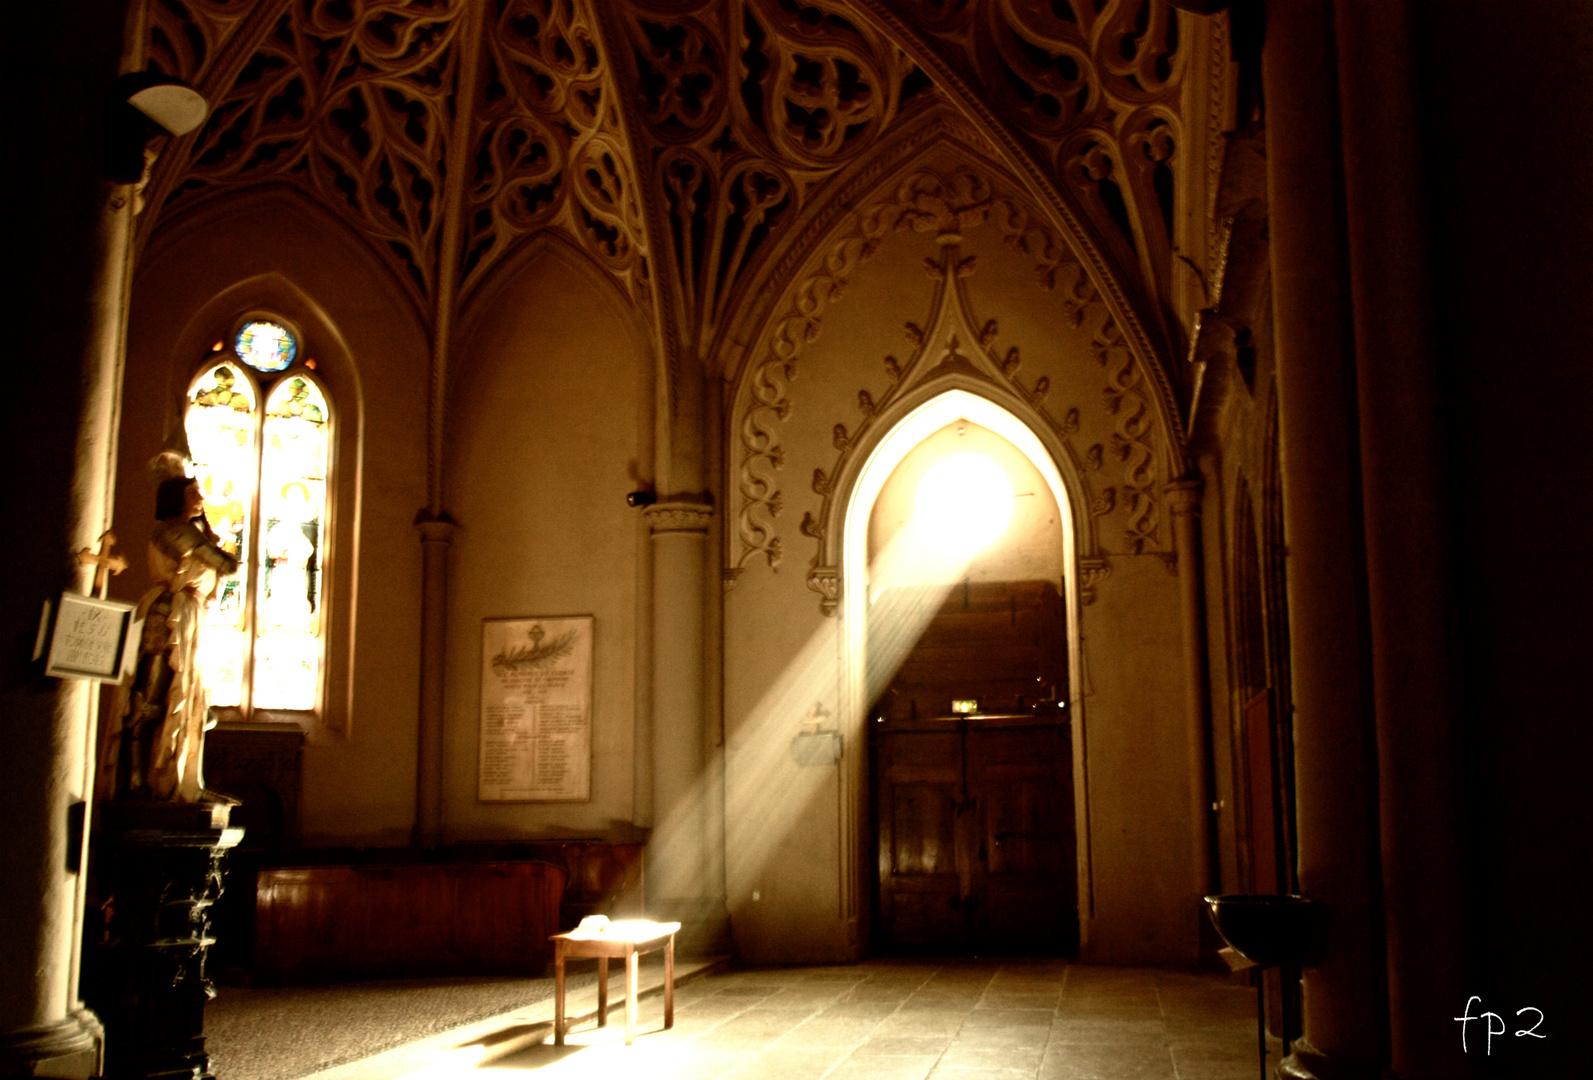 lumiere divine photo et image architecture architecture religieuse paysage architecture. Black Bedroom Furniture Sets. Home Design Ideas